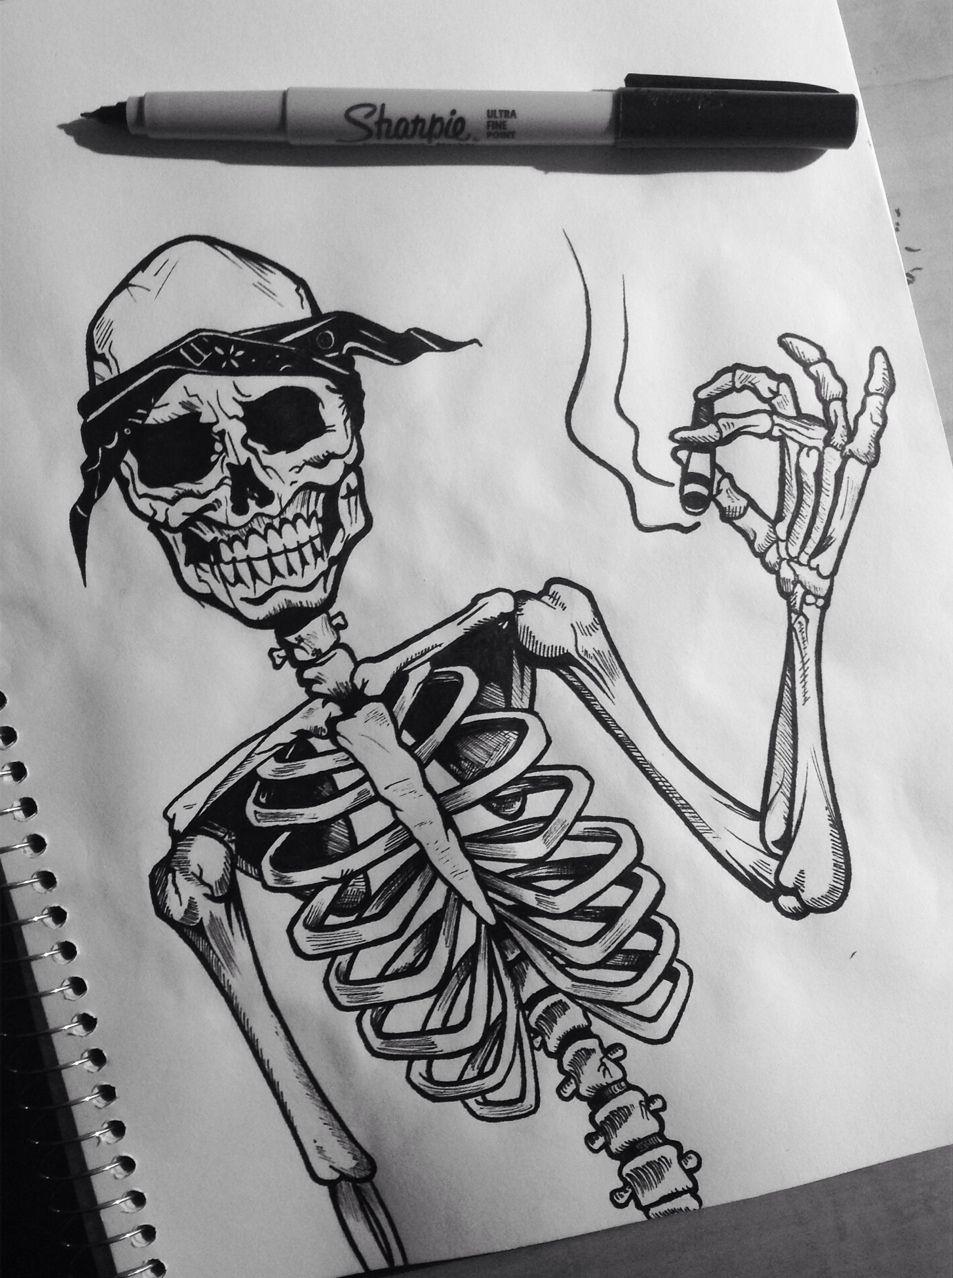 интересный крутые рисунки для пацанов карандашом скелеты пейзажи есть военная